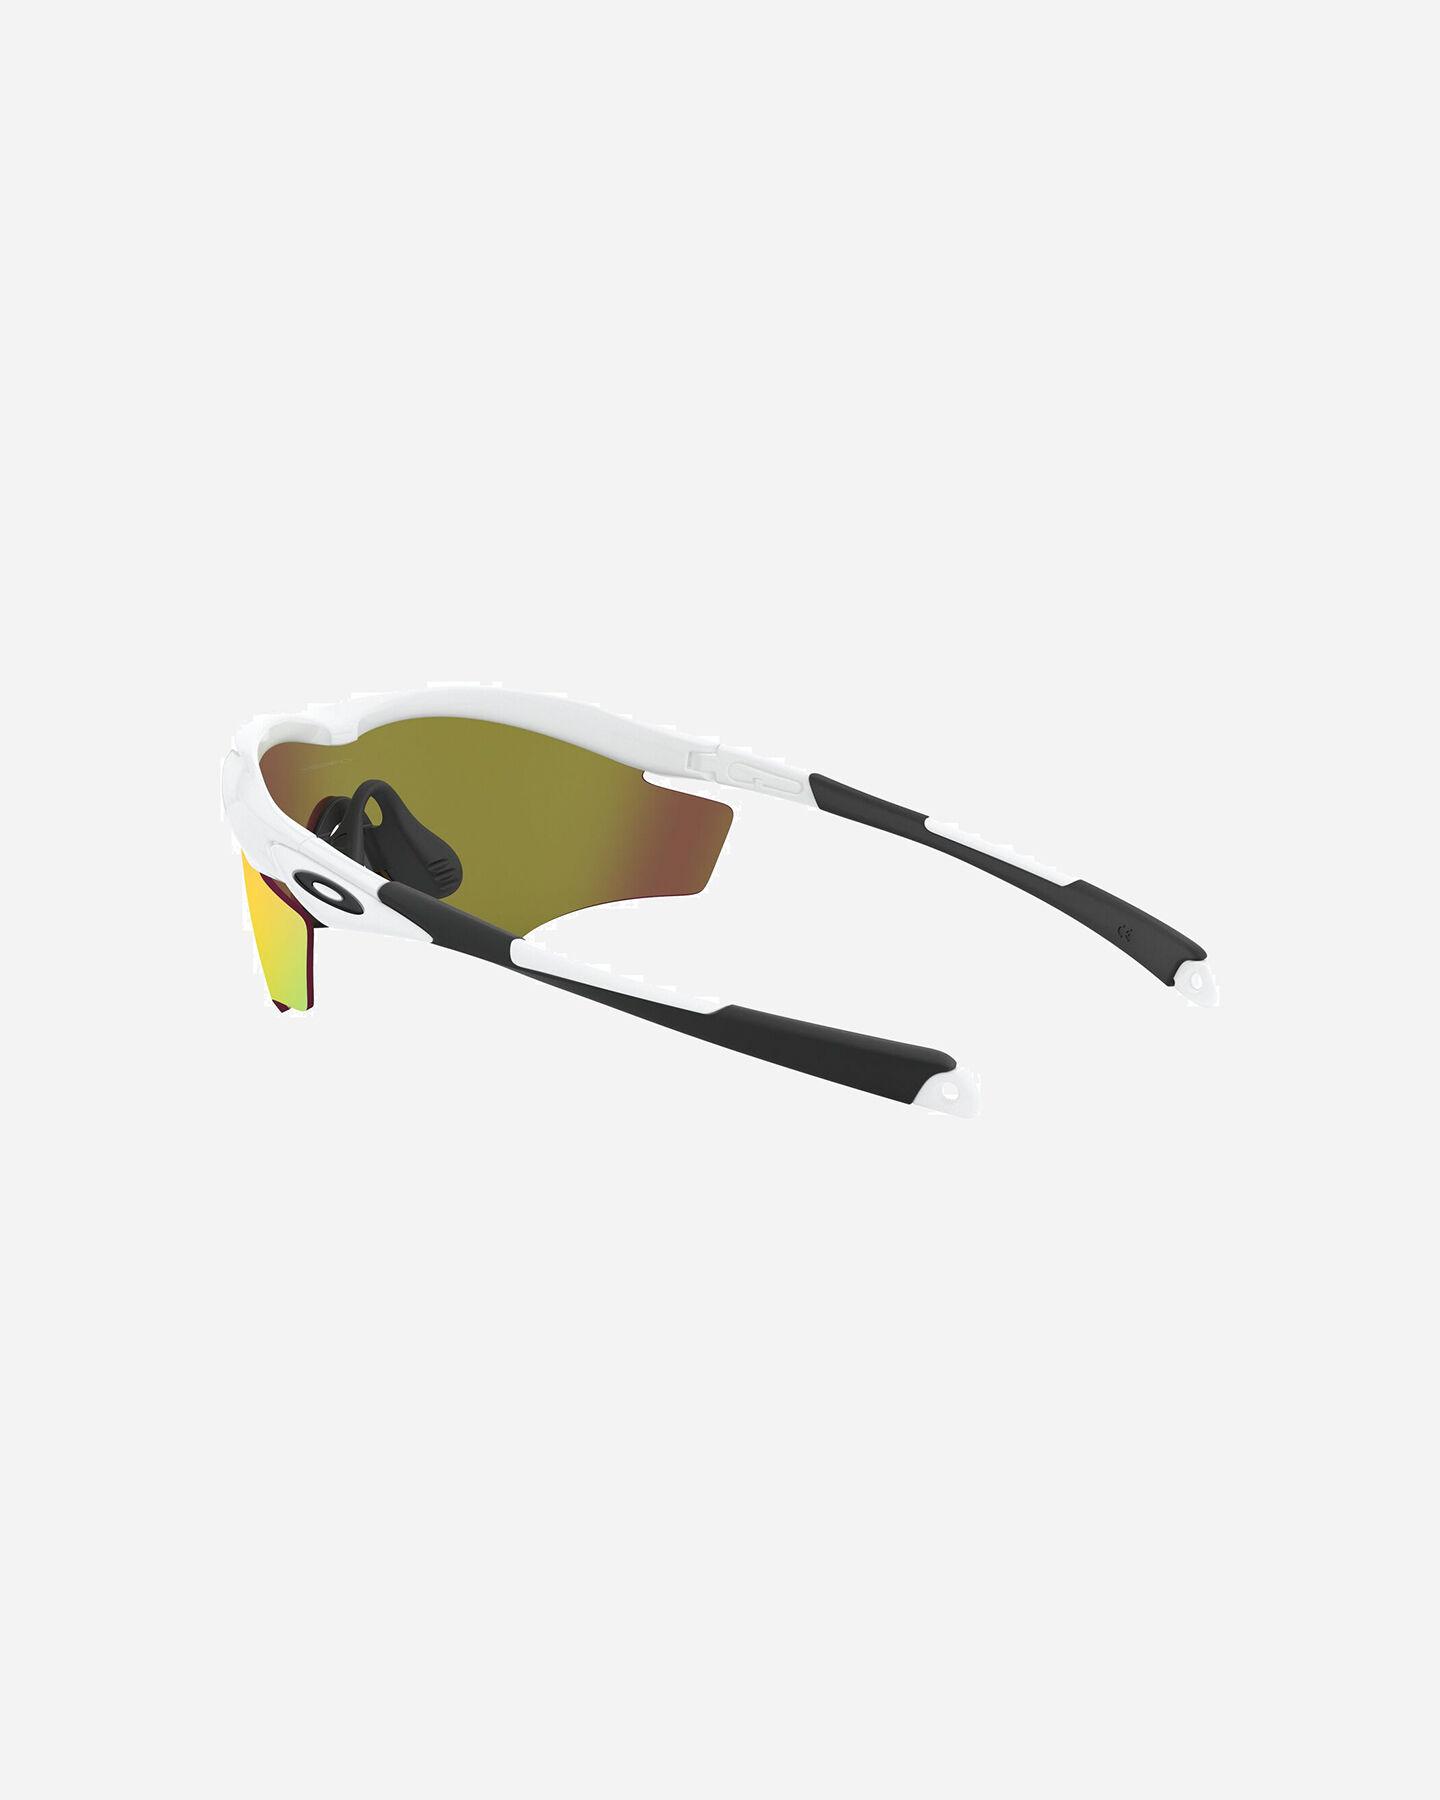 Occhiali OAKLEY M2 FRAME XL S1313248 9999 UNI scatto 4